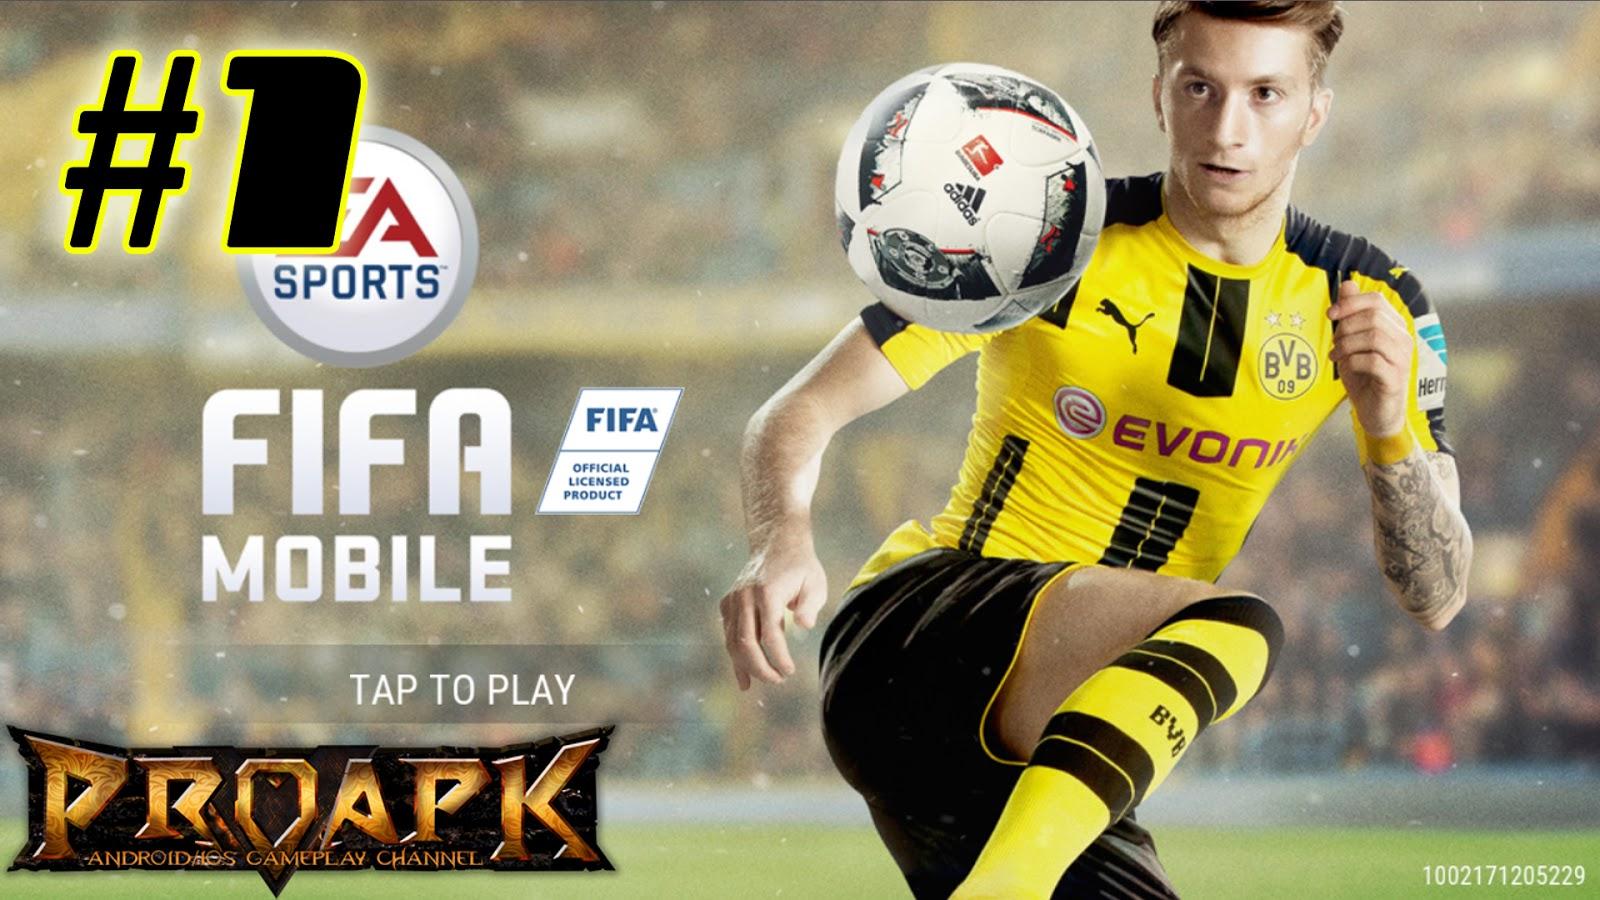 FIFA 17 Mobile Soccer